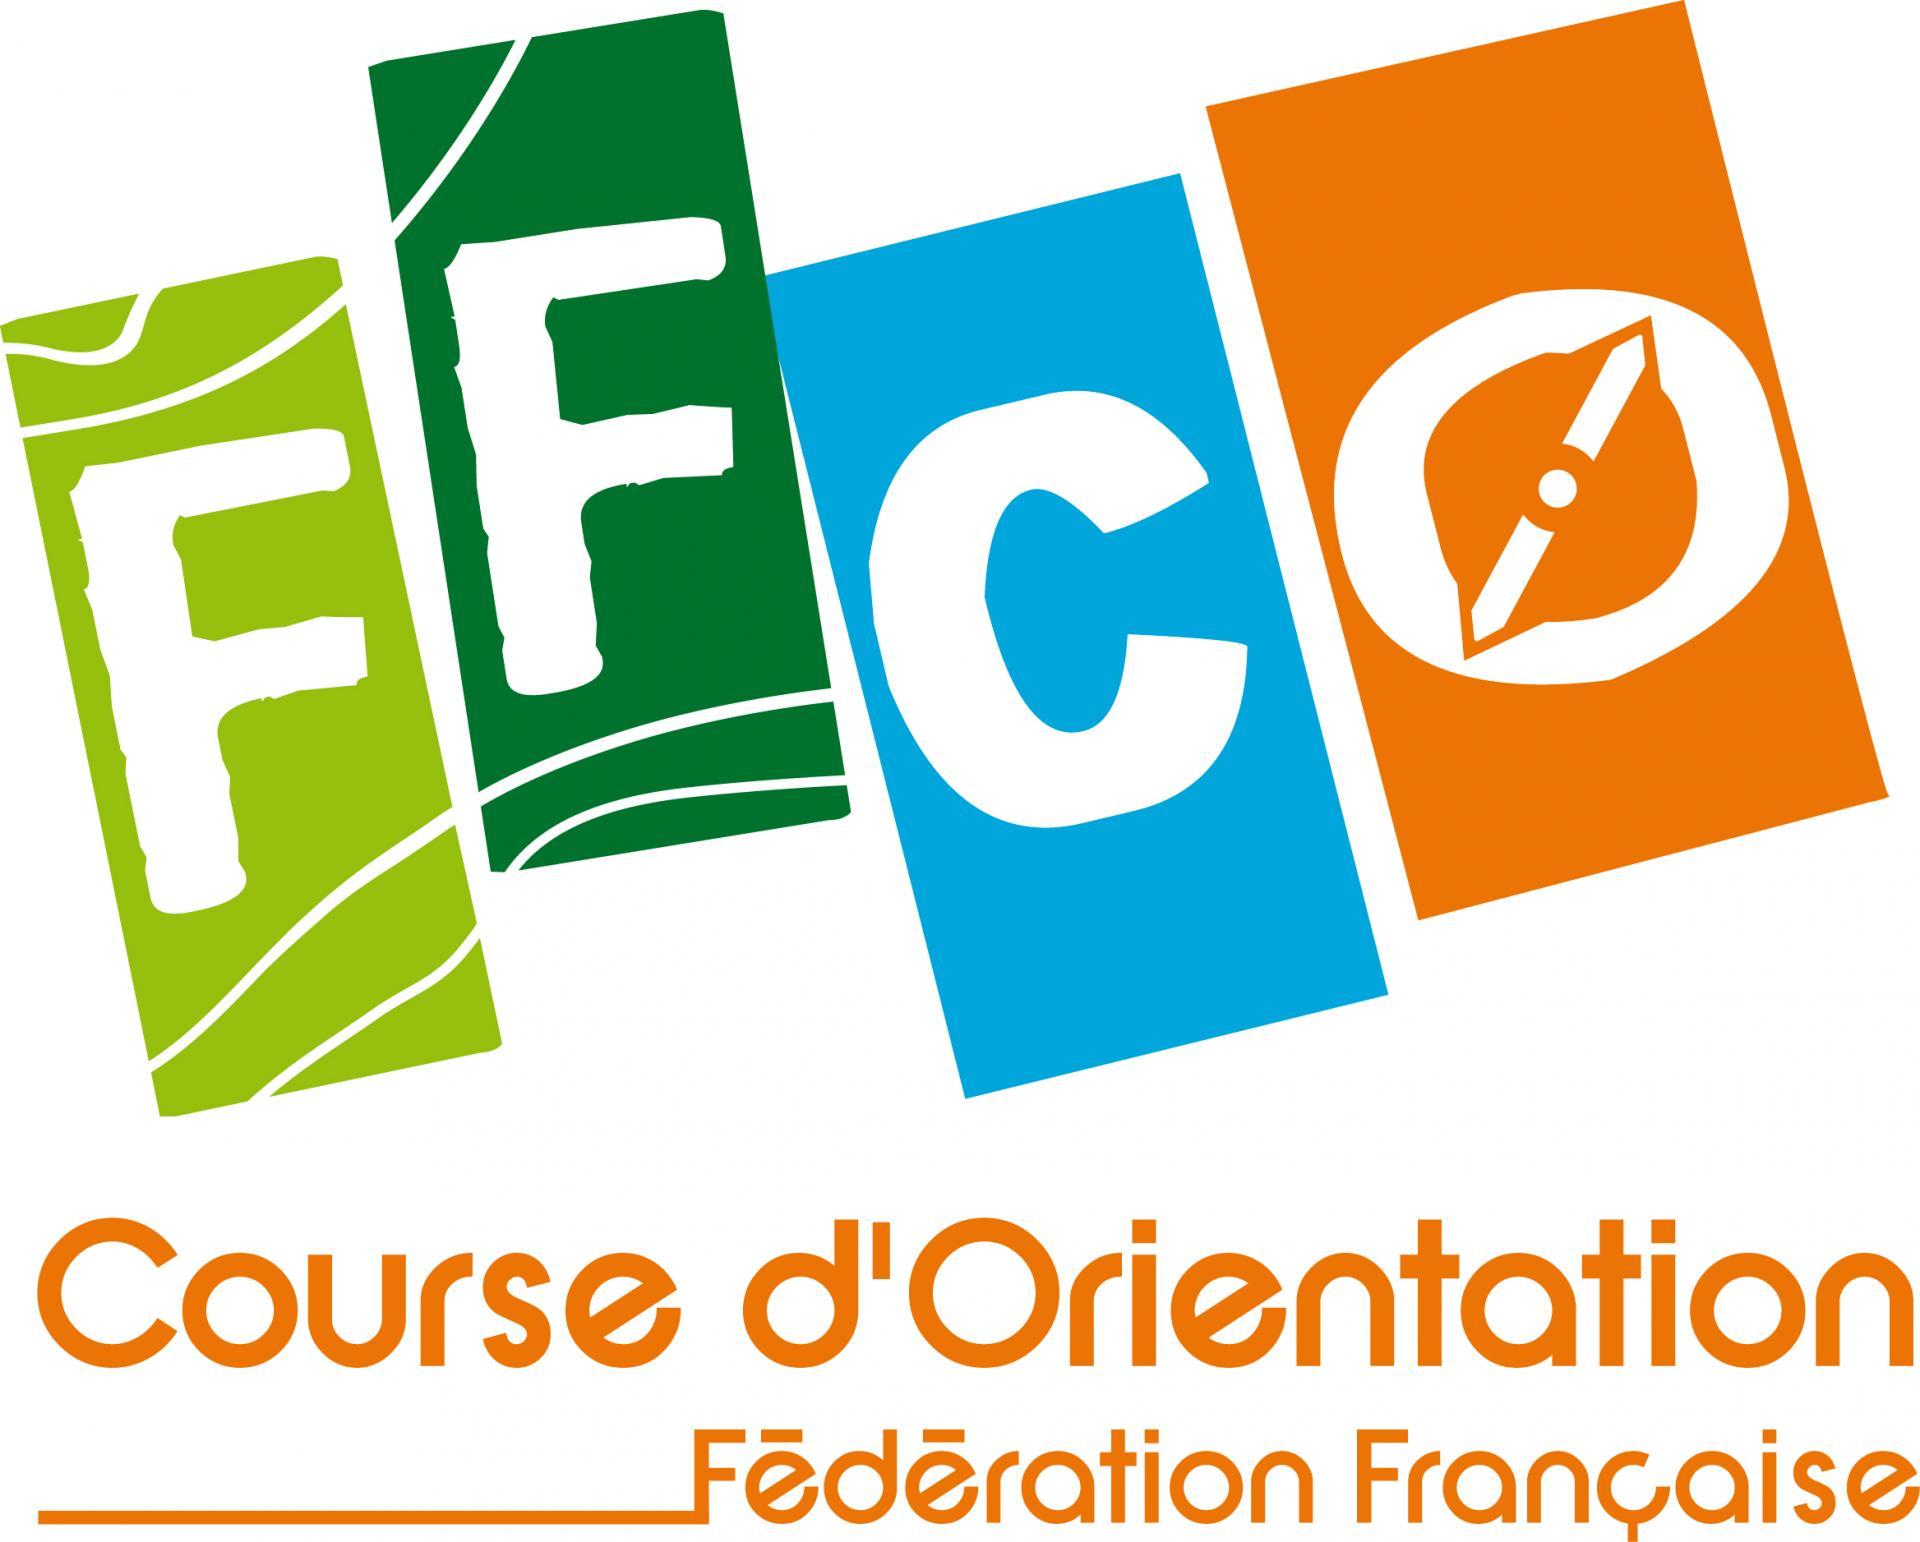 Ffco logo 1